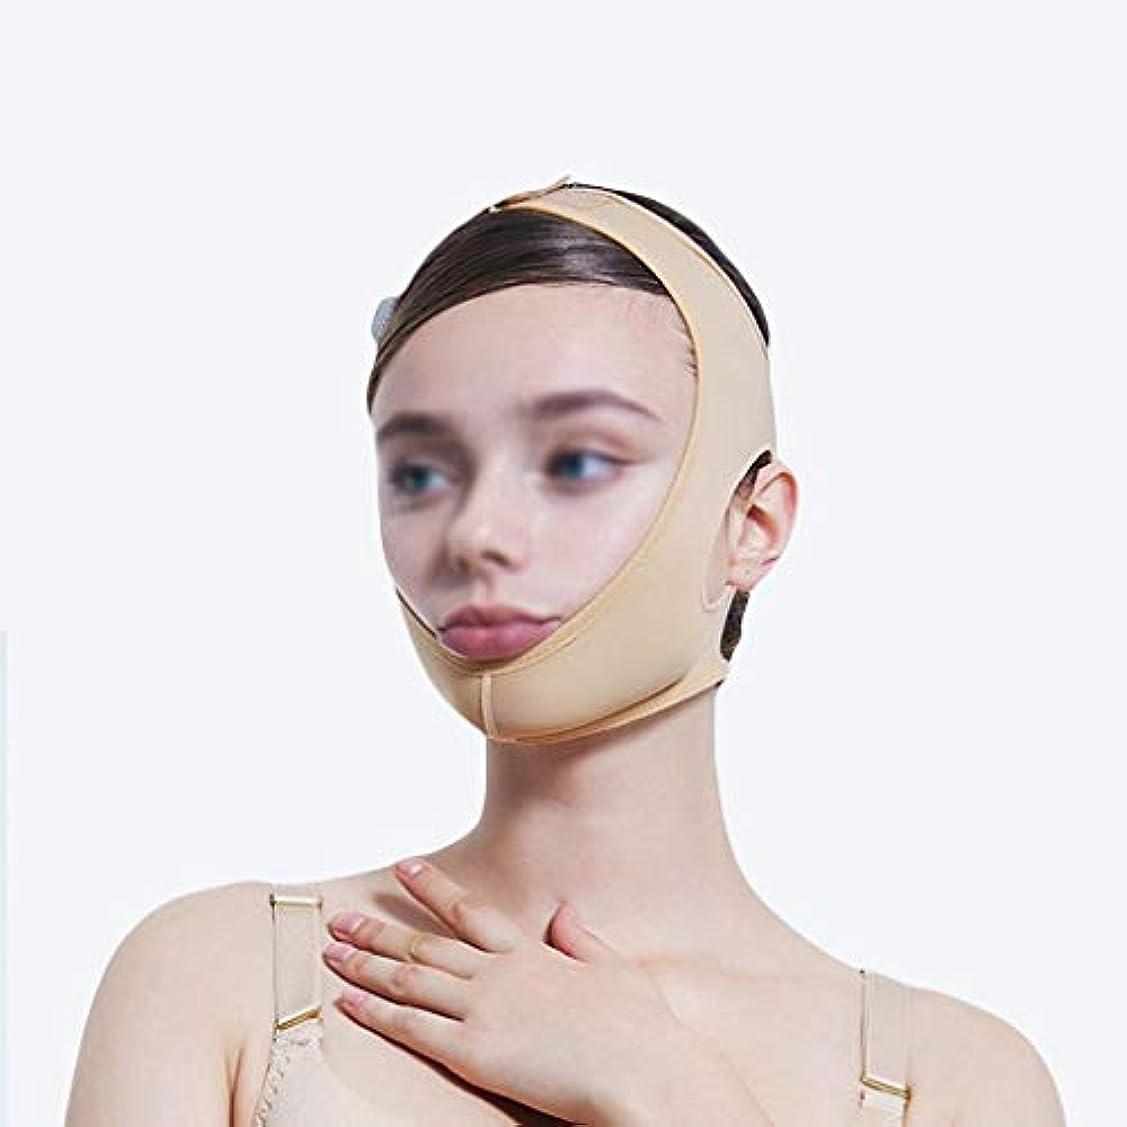 ラバ料理あなたはフェイシャルライン、頬、しわ防止フェイシャル減量、フェイスバンド、フェイスマスク、フェイスリフティング、通気性、ダブルチンストラップ(サイズ:XXL),M